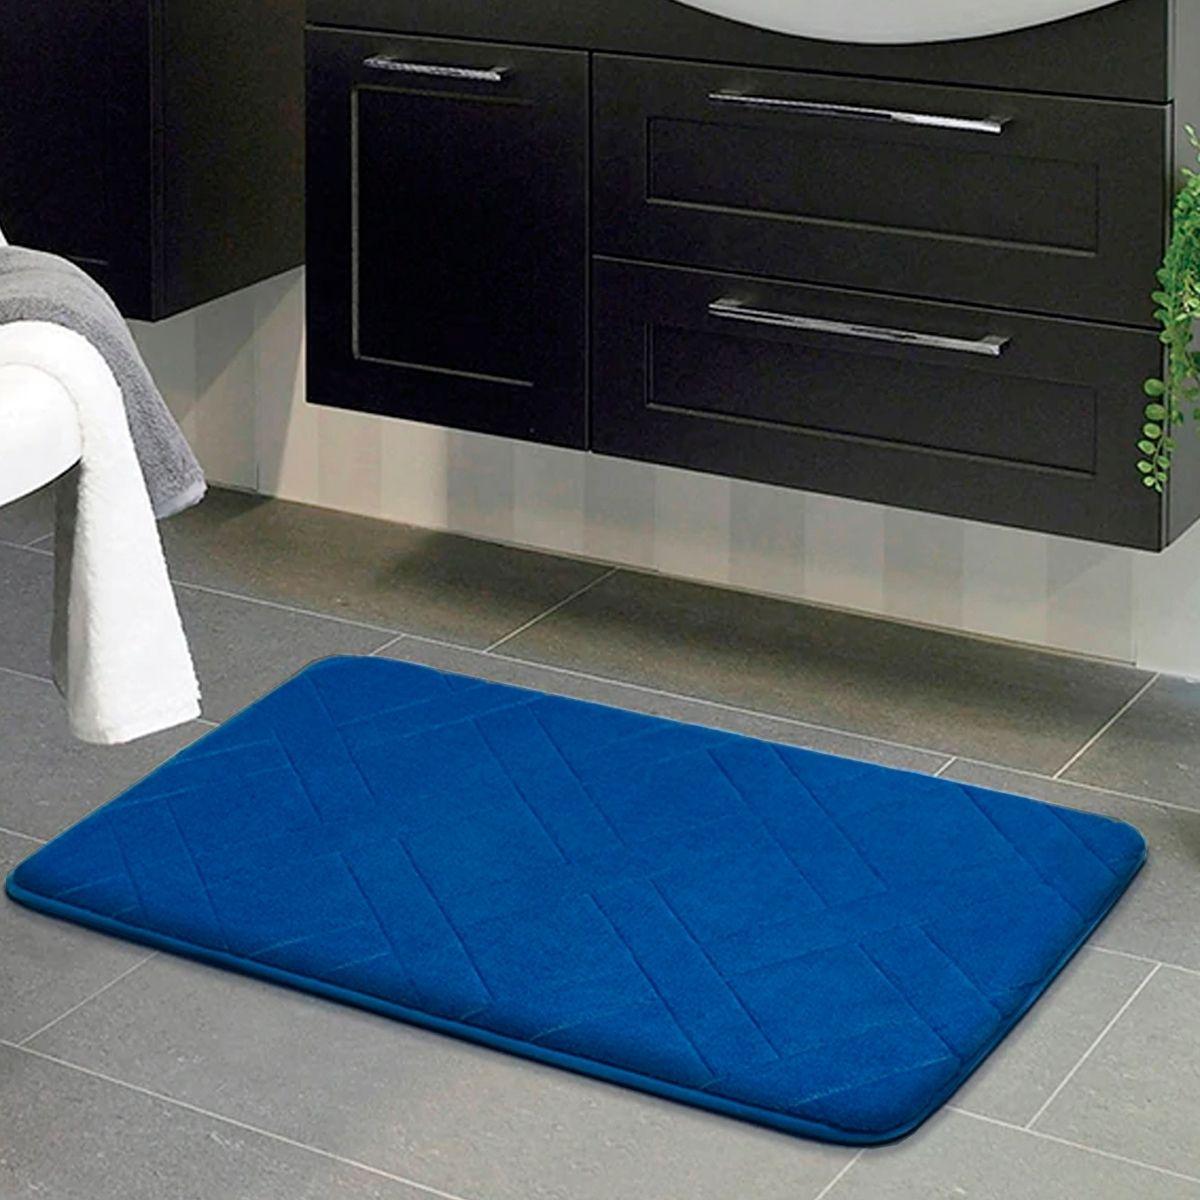 Tapete verona square 40x60 Azul Escuro 12